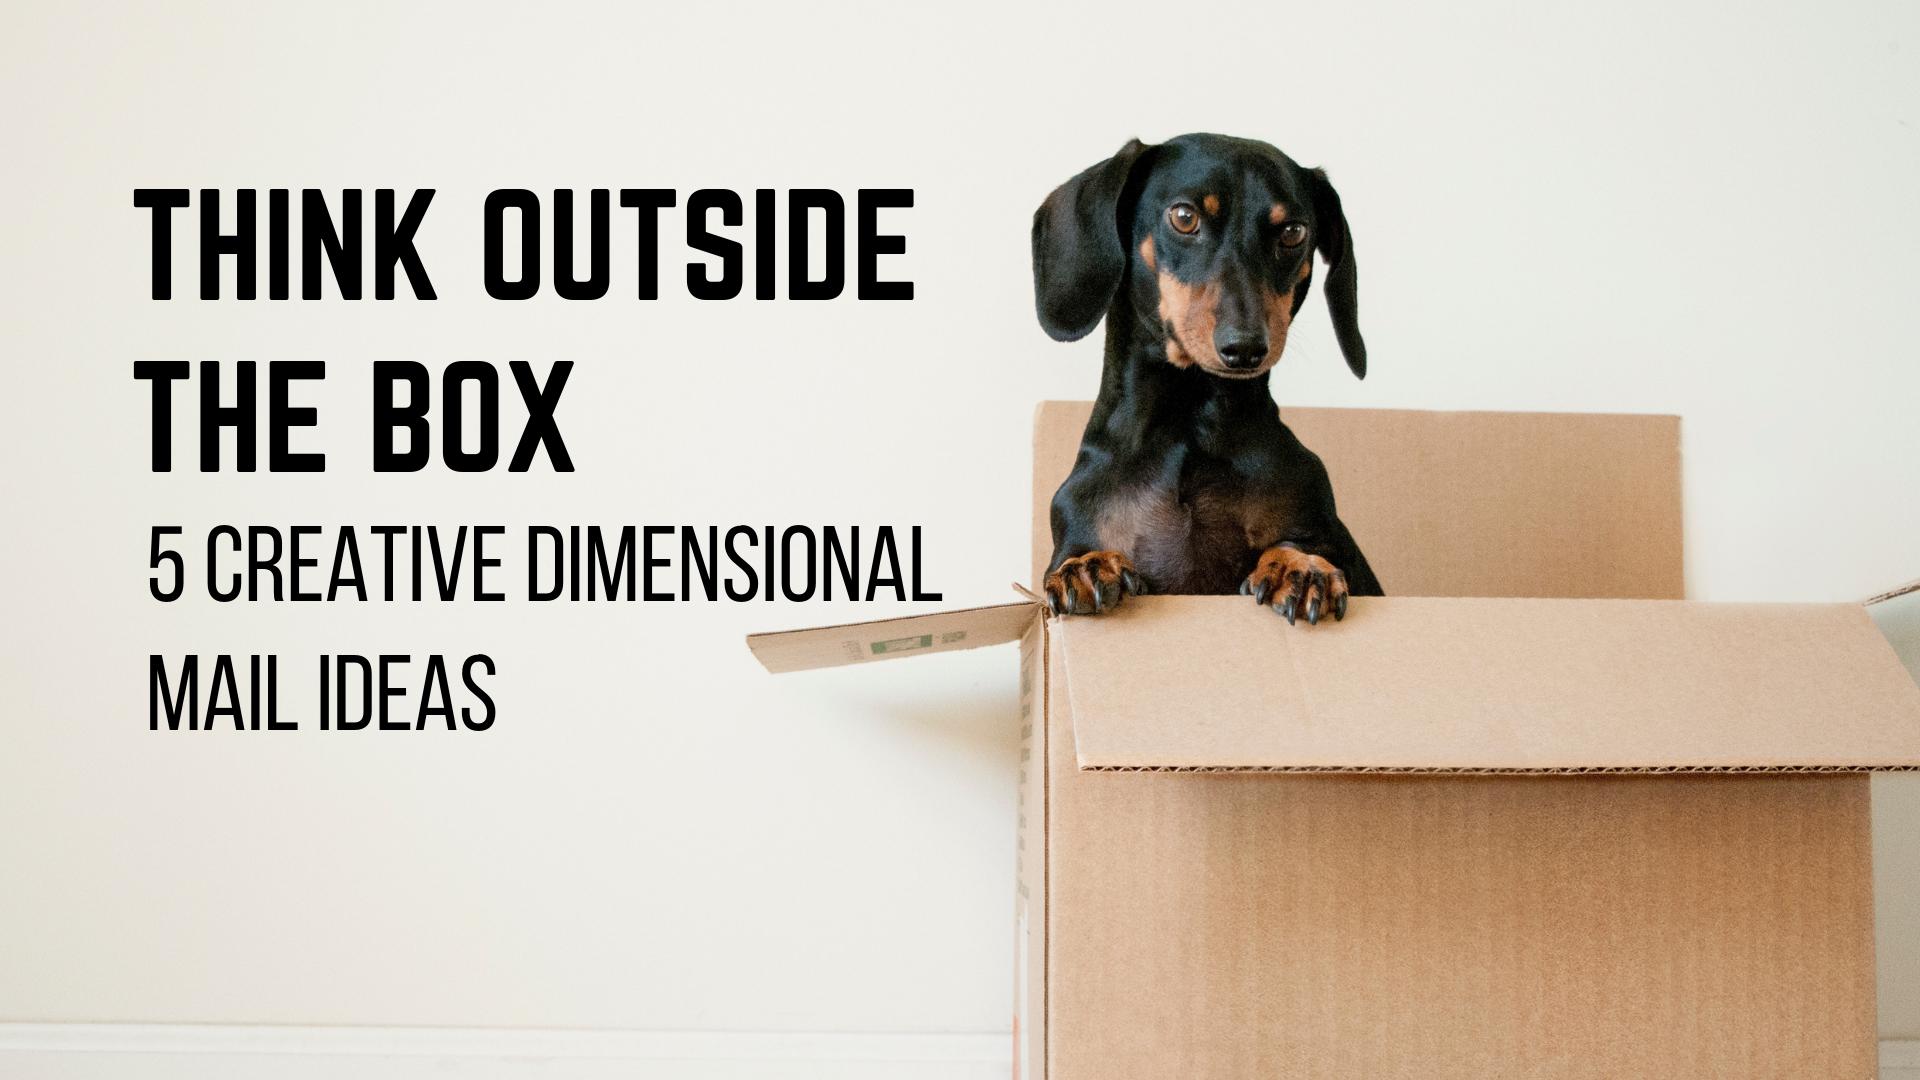 5 Creative Dimensional Mail Ideas